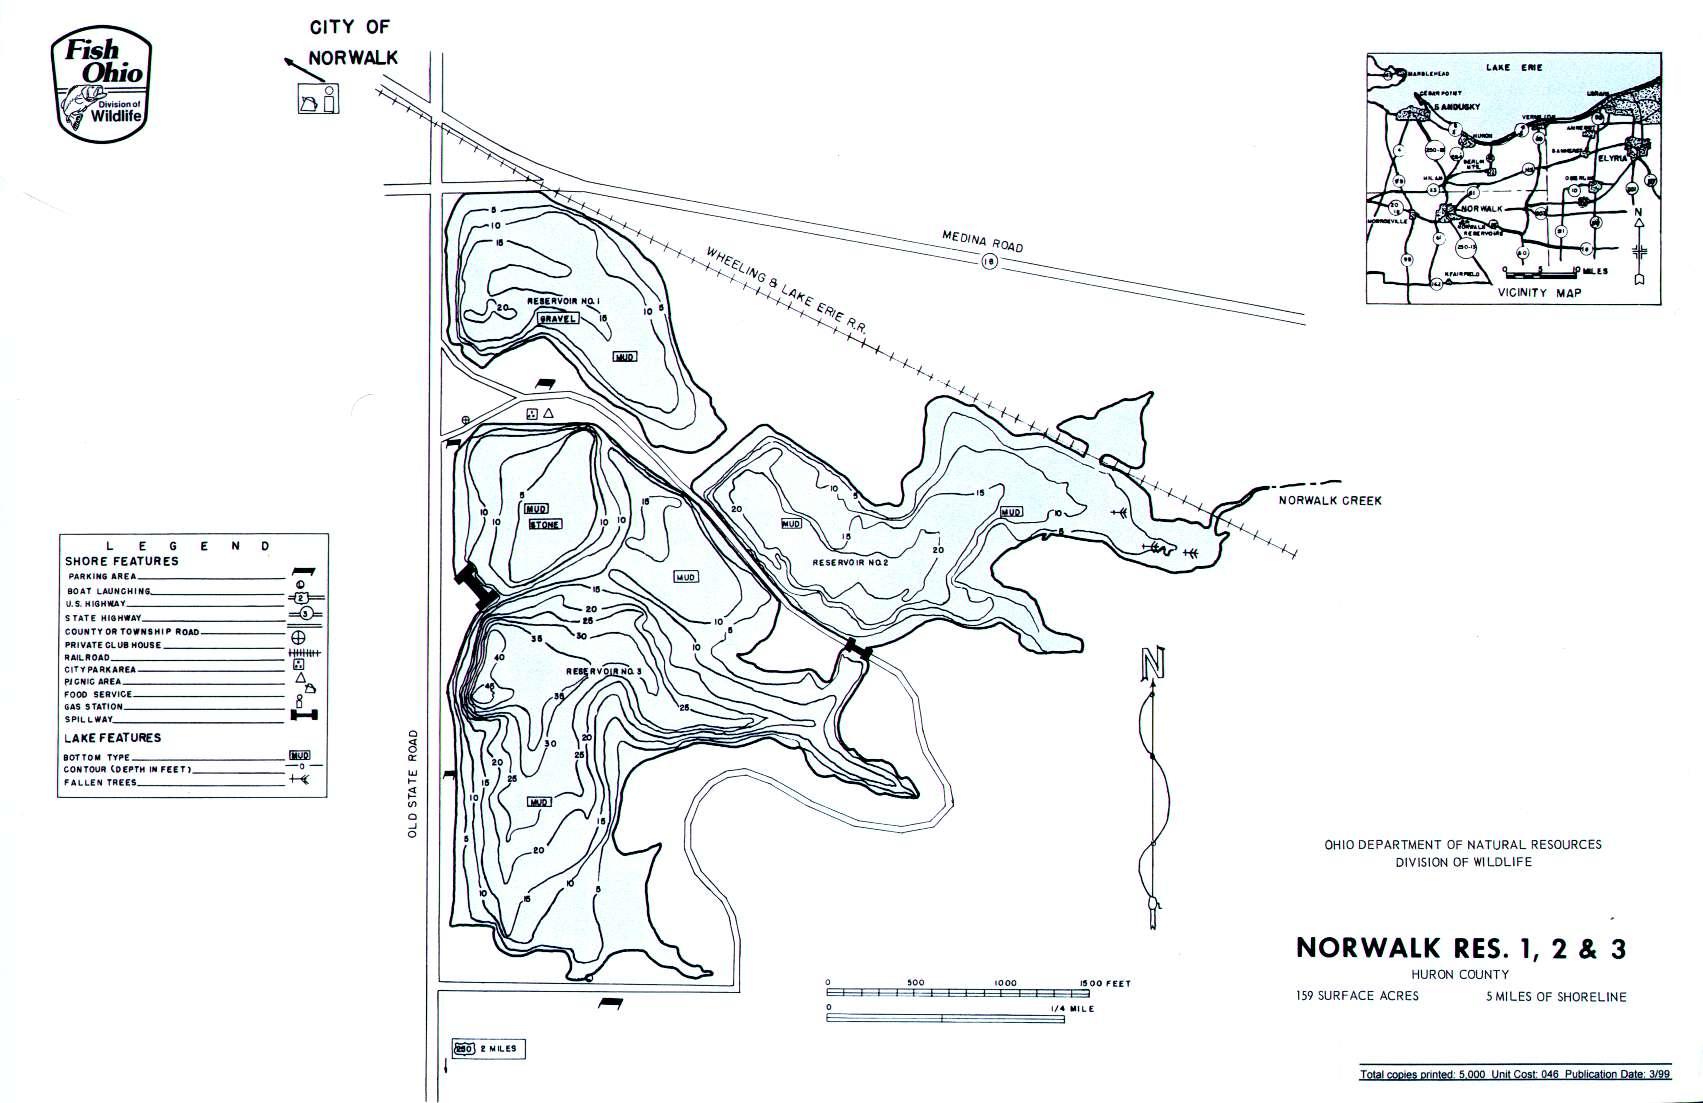 Norwalk Reservoirs 1_2_3 - GoFishOhio